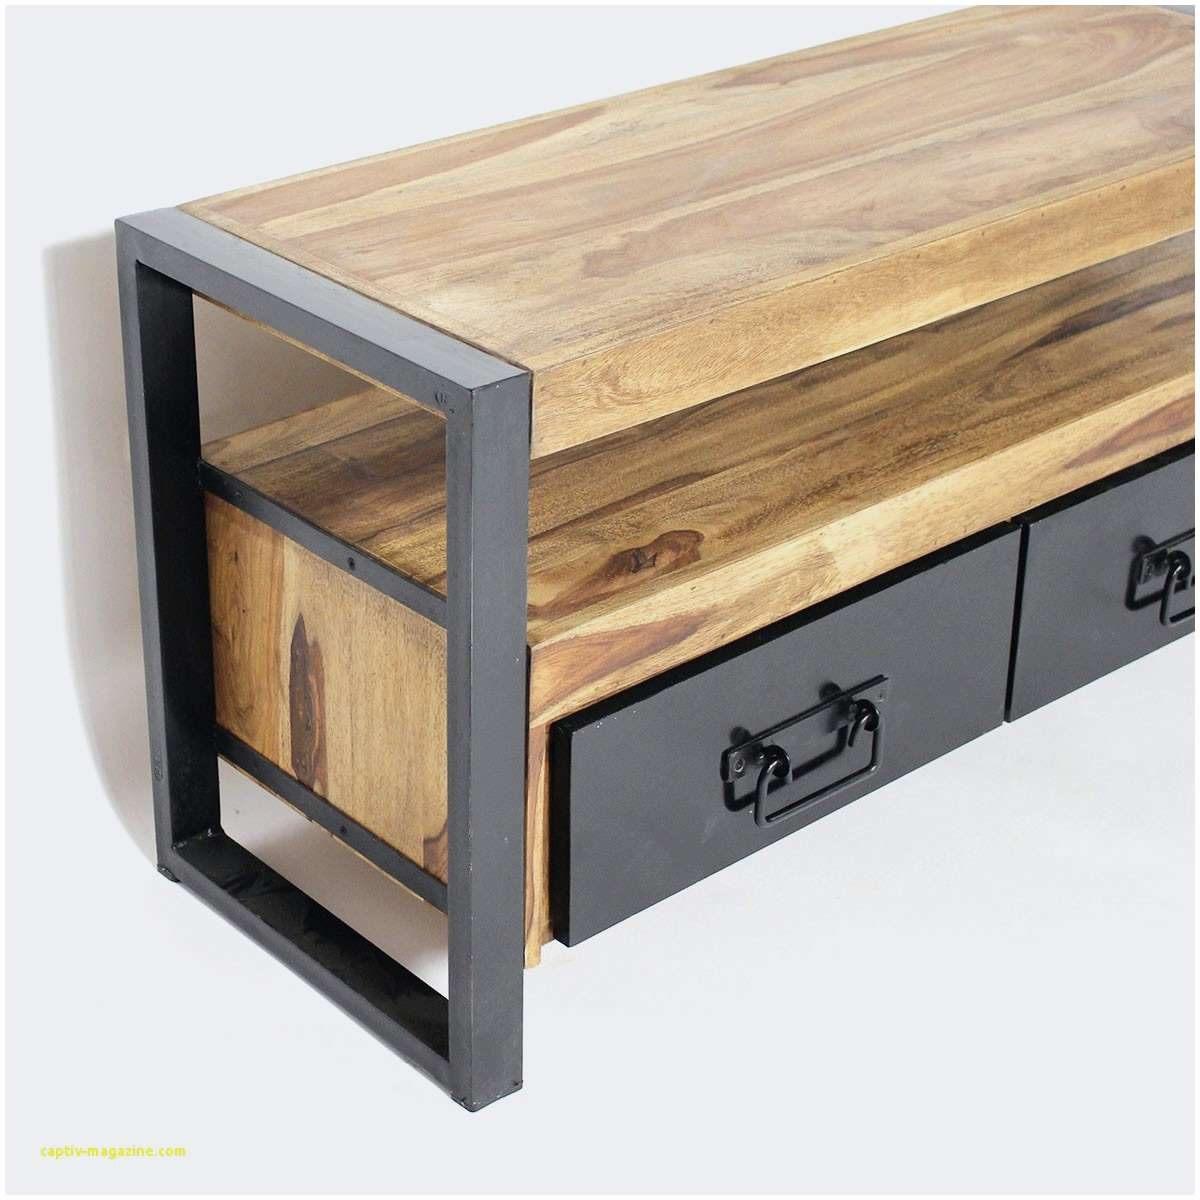 Coffre Bout De Lit Meilleur De Impressionnant Download Banc Coffre Ikea Pour Choix Coffre Ikea